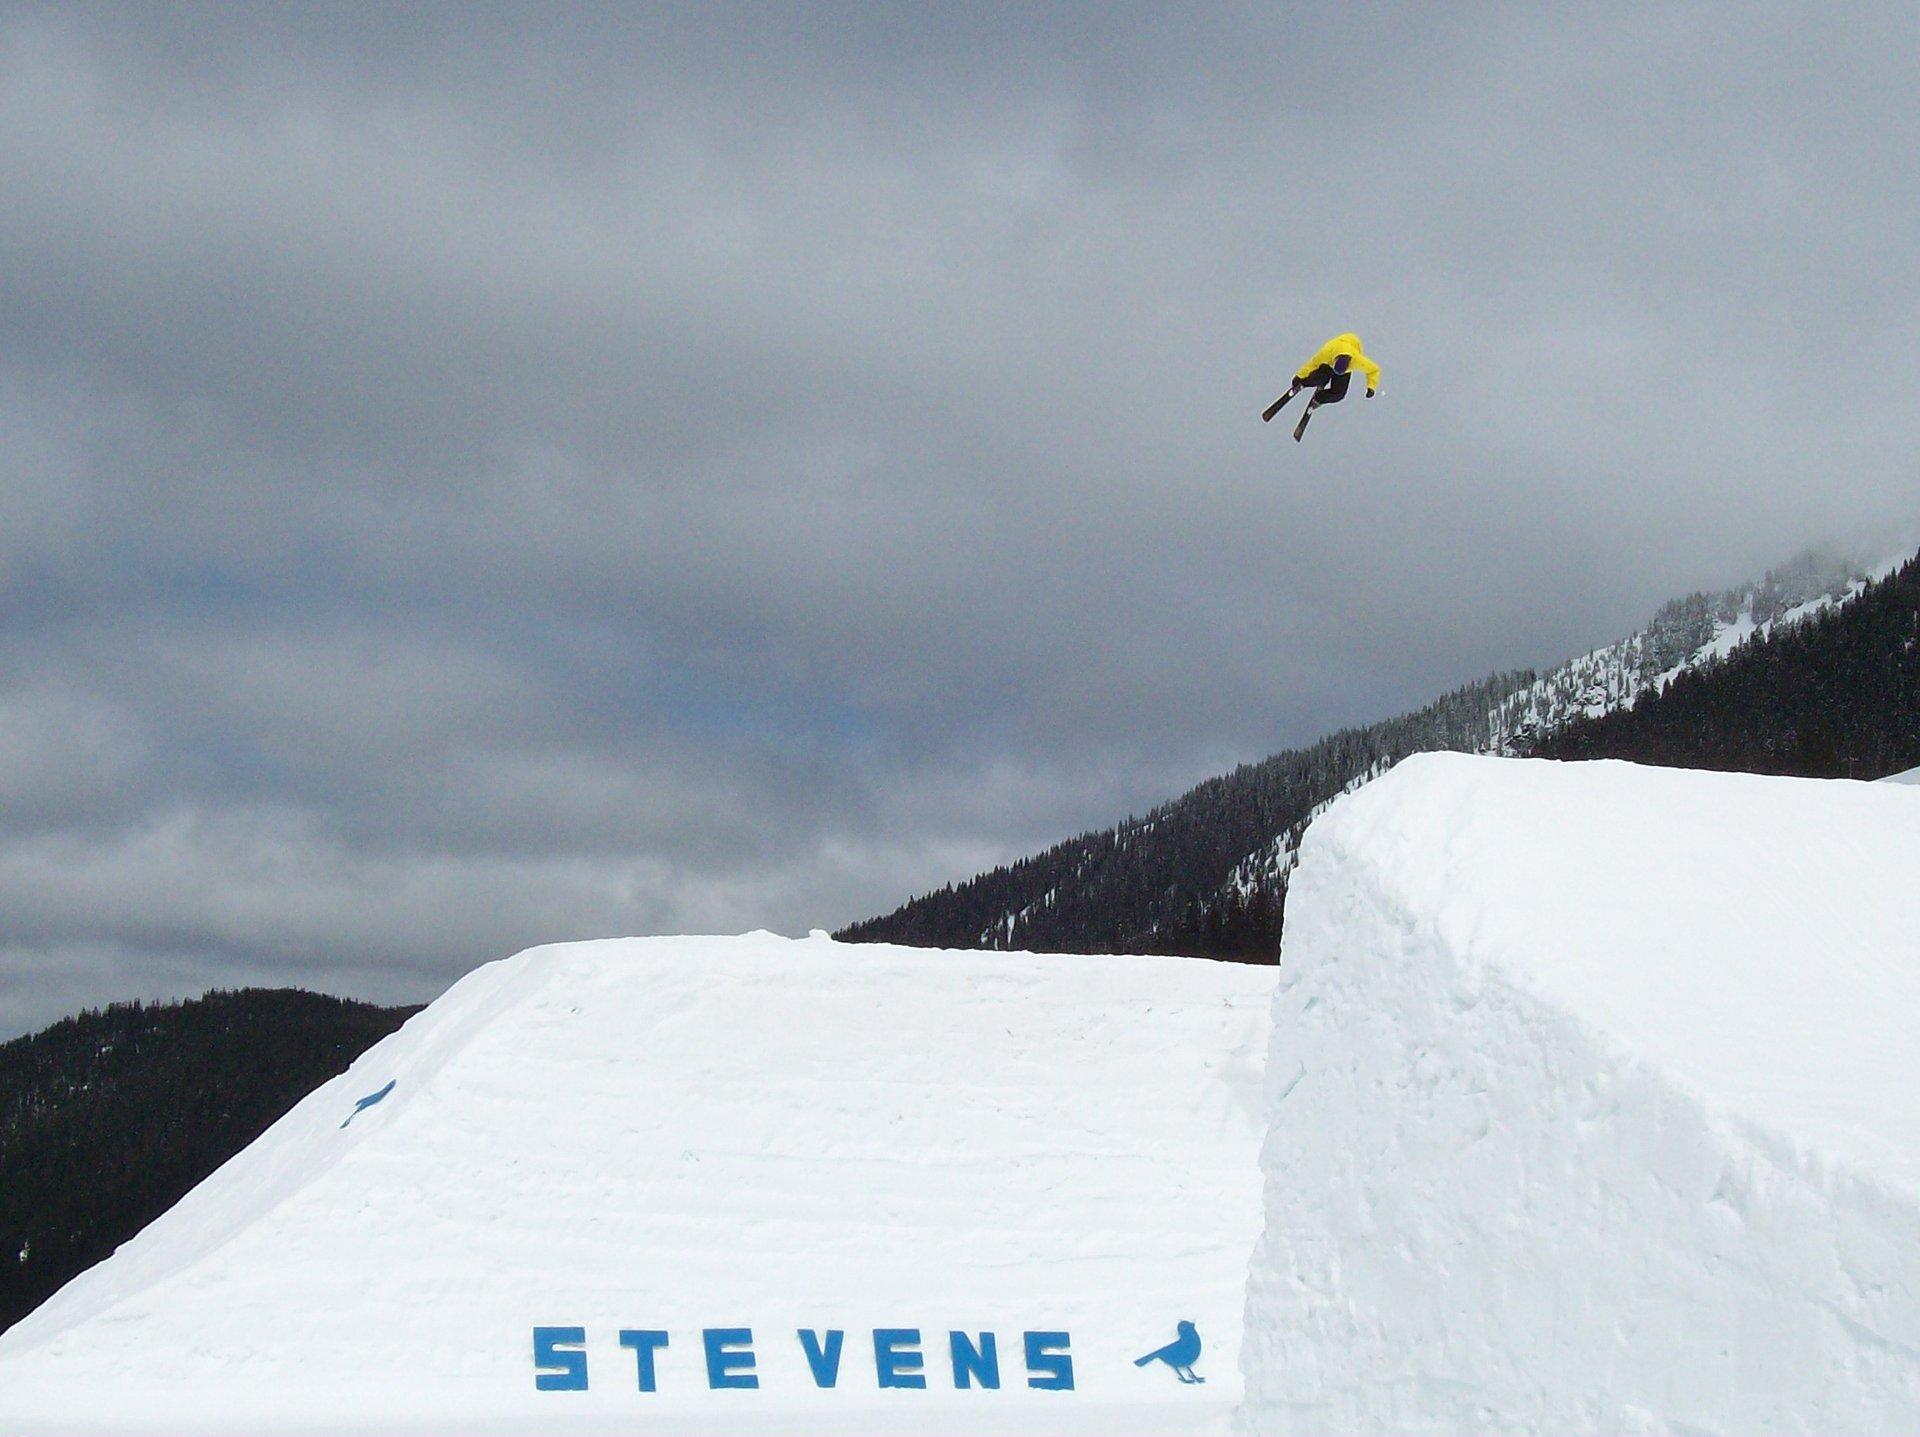 Stevens TGR